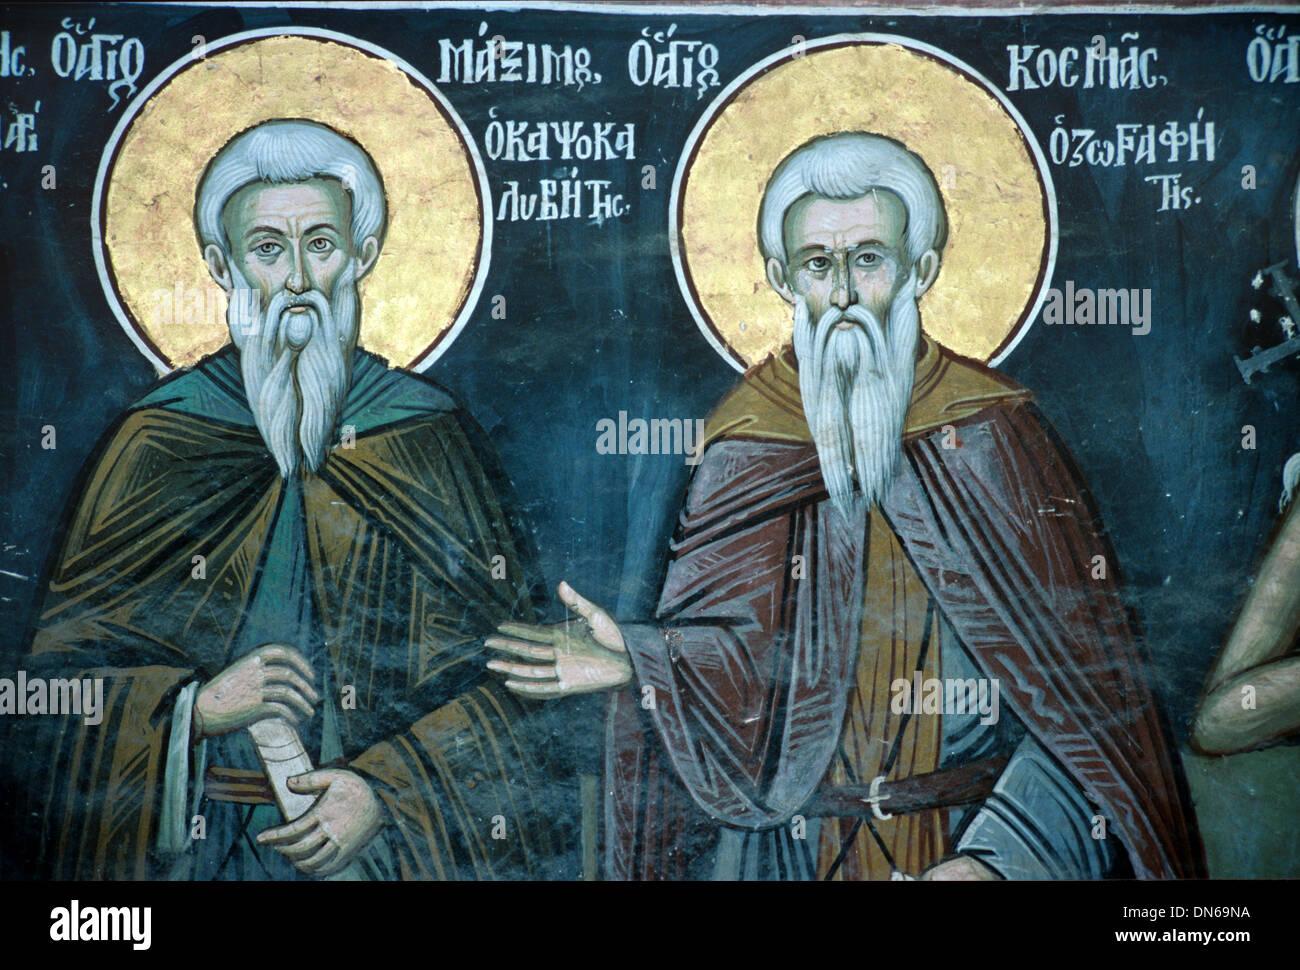 Saints Maximus the Greek and Cosmas Fresco or Wall Painting (1783) Xeropotamou Monastery Mount Athos Greece - Stock Image